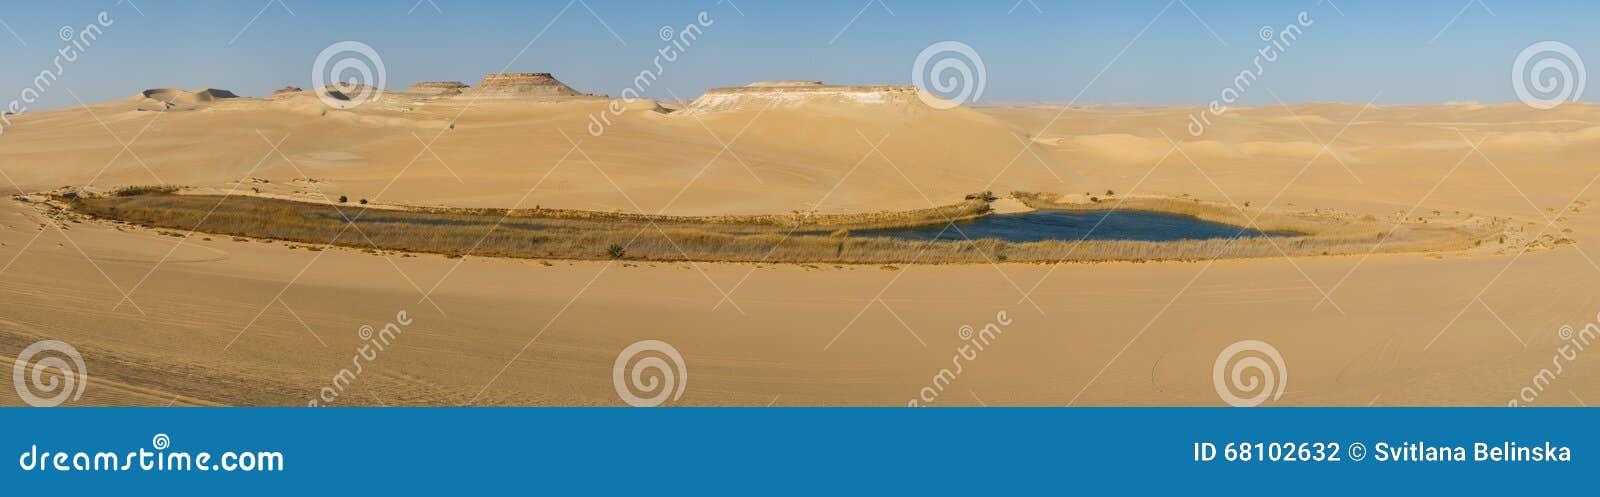 Oasis in Sahara desert in Egypt